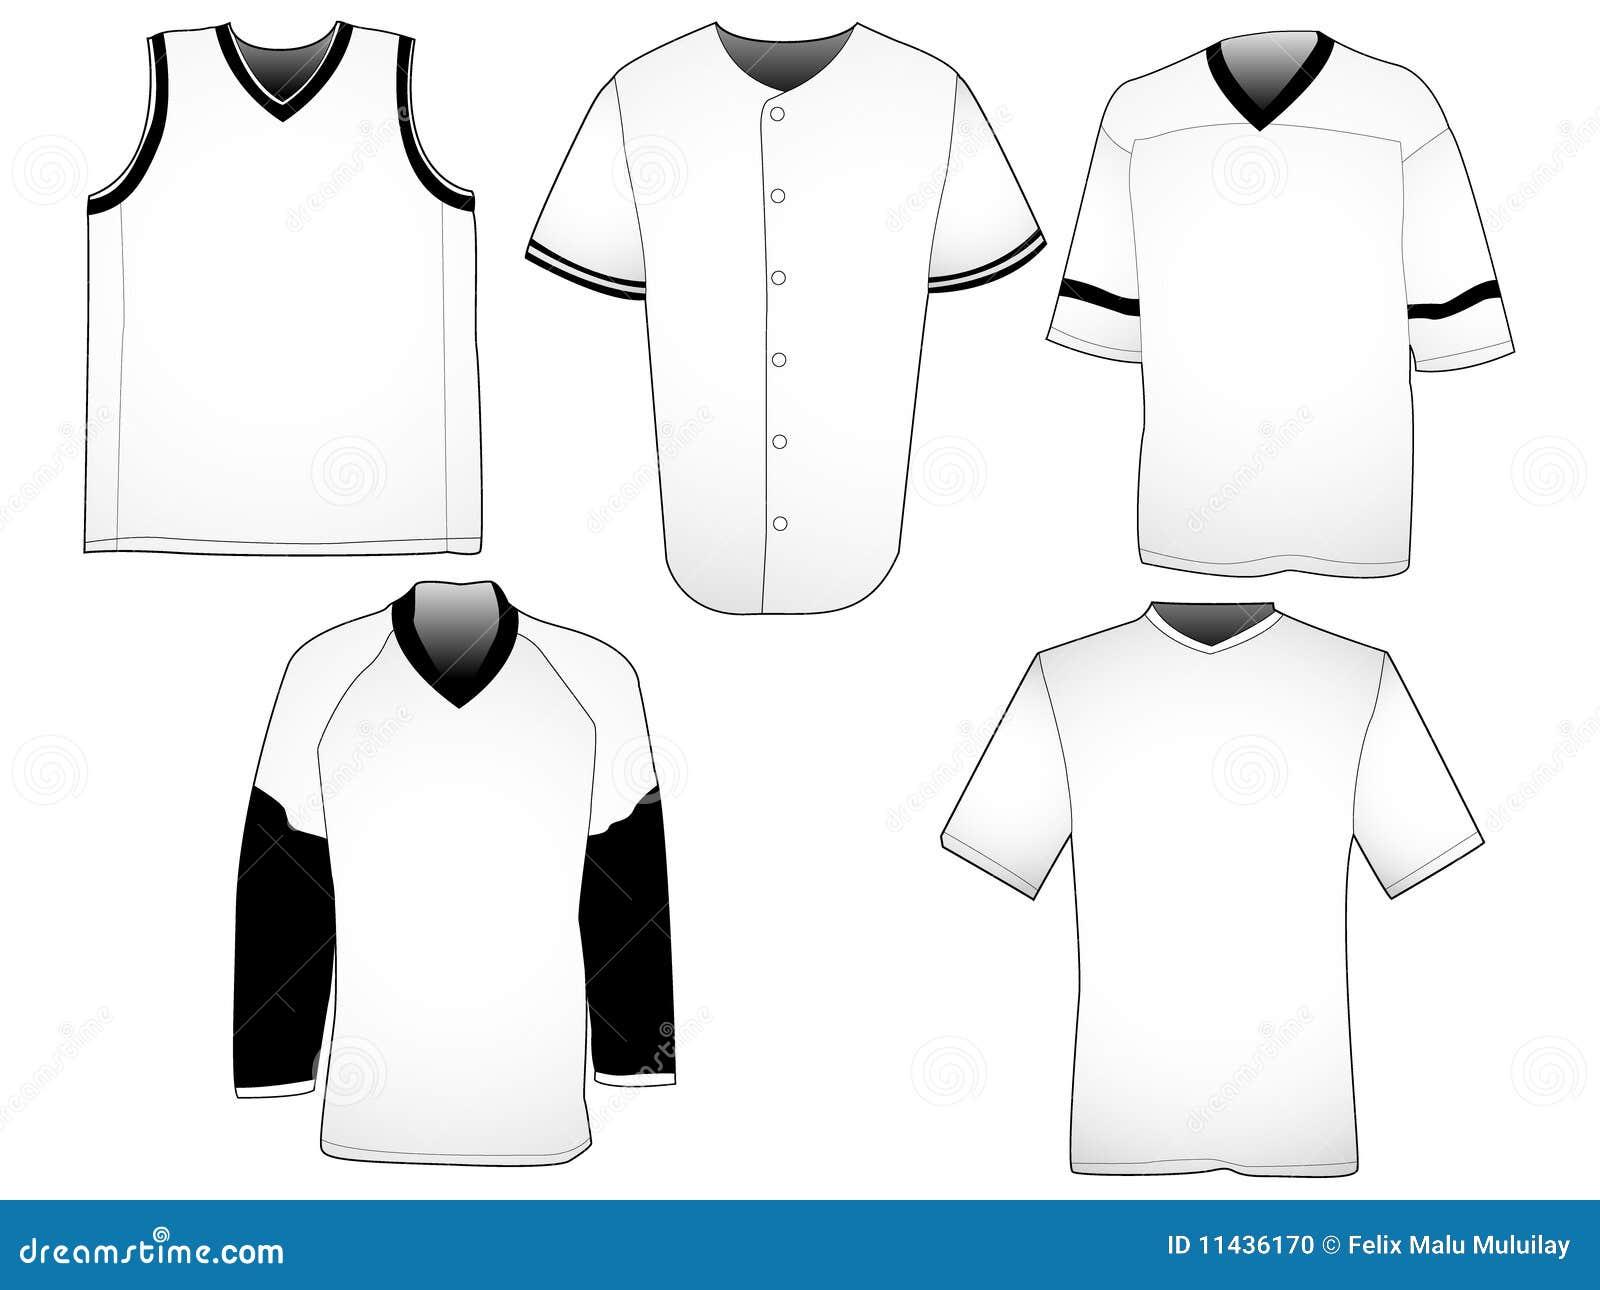 Baseball Jersey Outlines Online Marketing Consultancy Consultants Strategist Expert Advisors